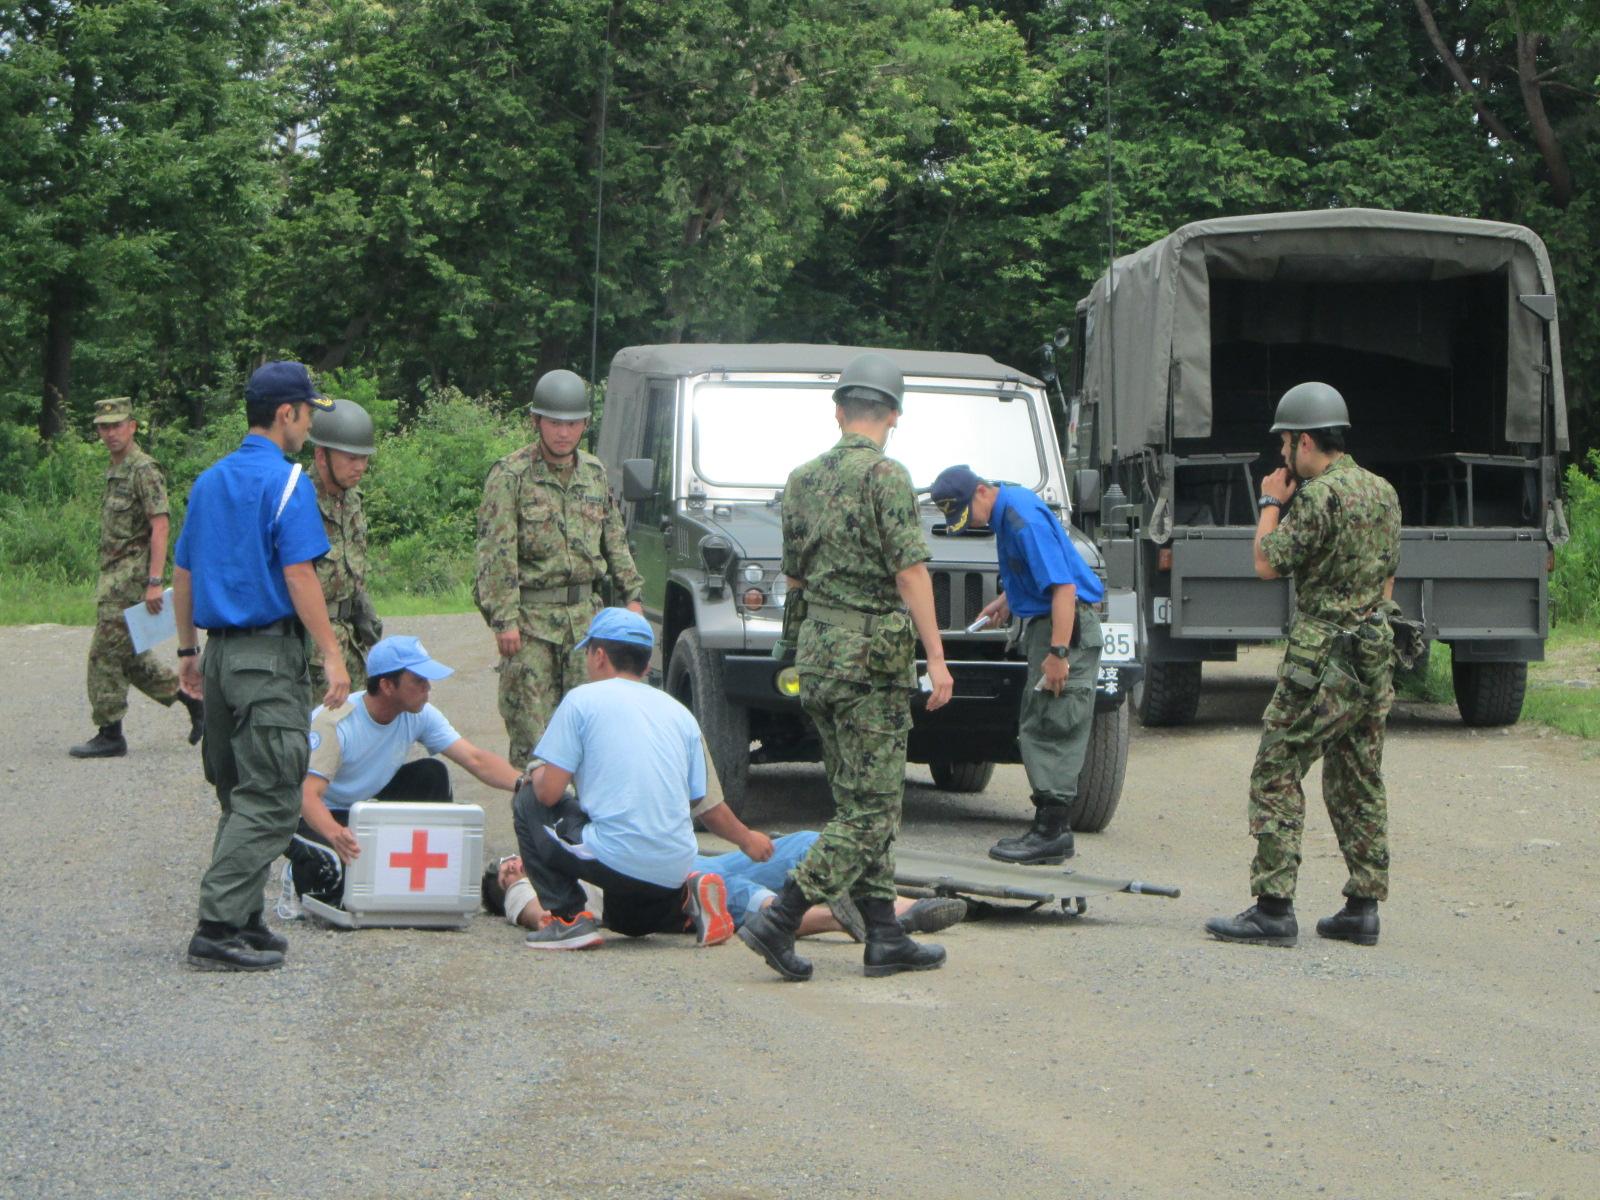 派遣先での隊員の交通事故を想定した対応訓練.JPG